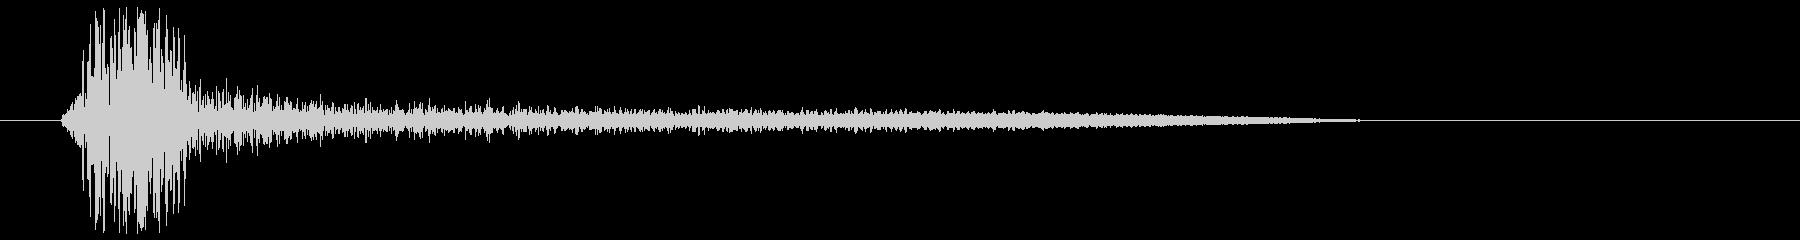 リムショット(シンプル)の未再生の波形